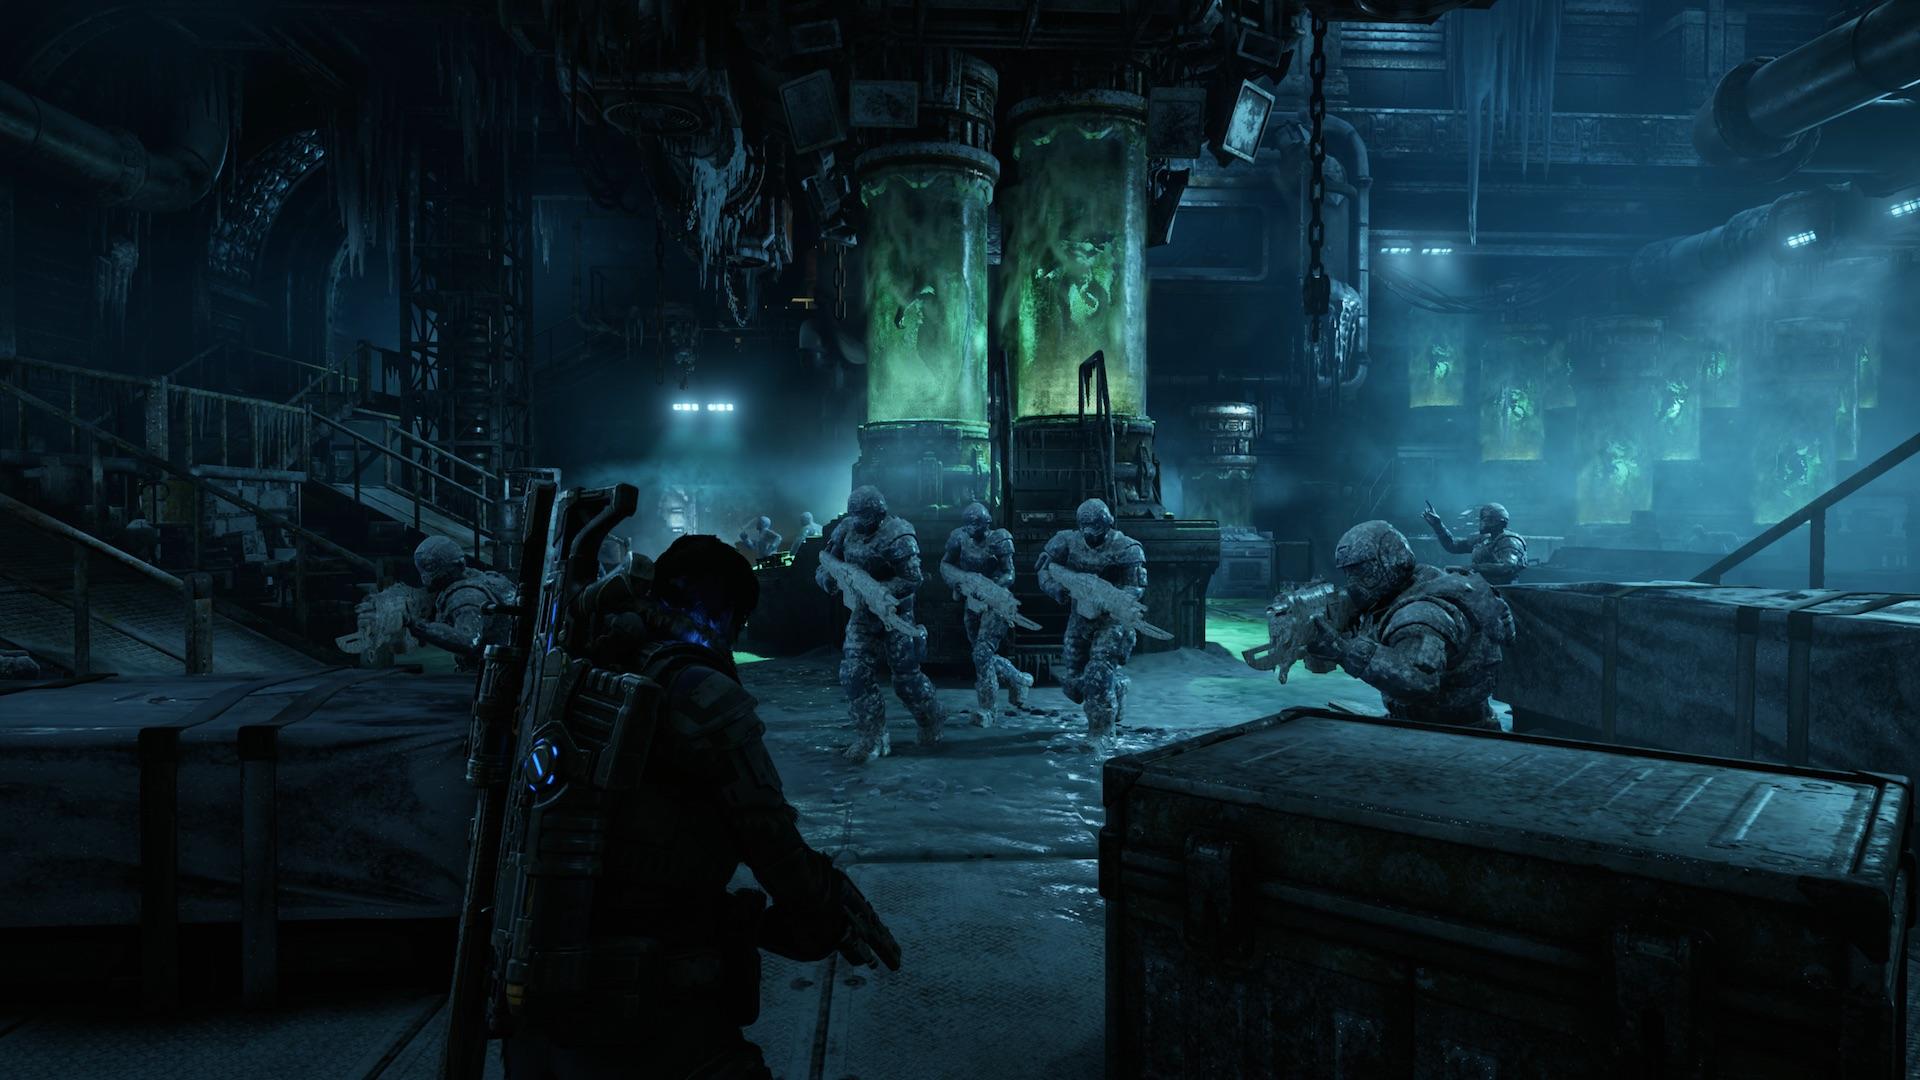 من أين جاء الجراد؟ تسلط Gears 5 ضوءًا جديدًا على تاريخ الجراد والسرب 3